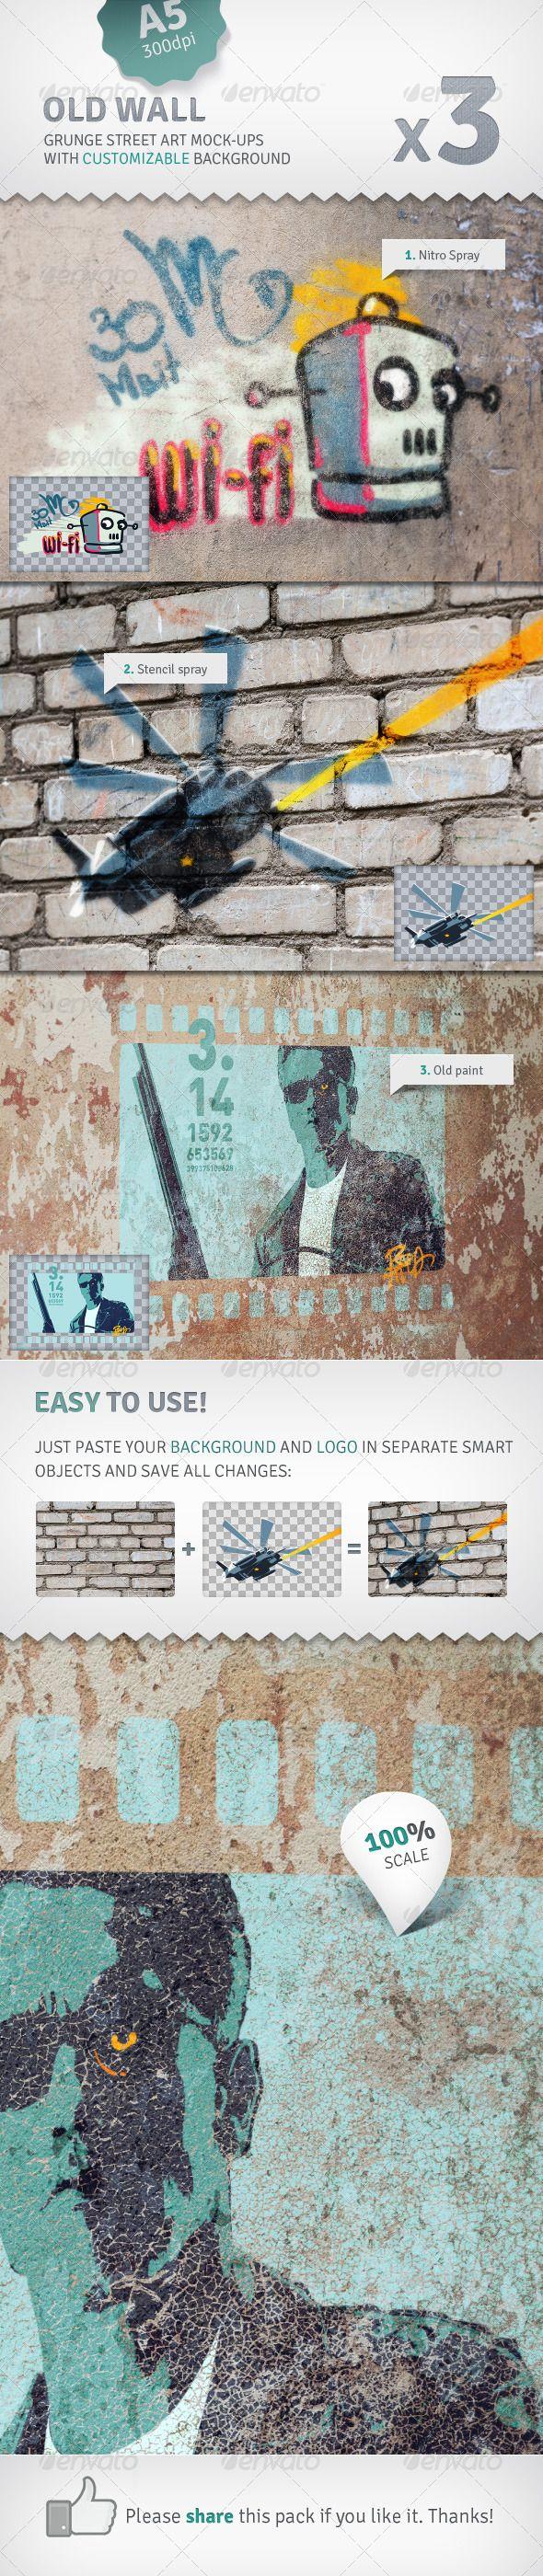 Graffiti wall rubric - Wall 3 Graffiti Street Art Mockups